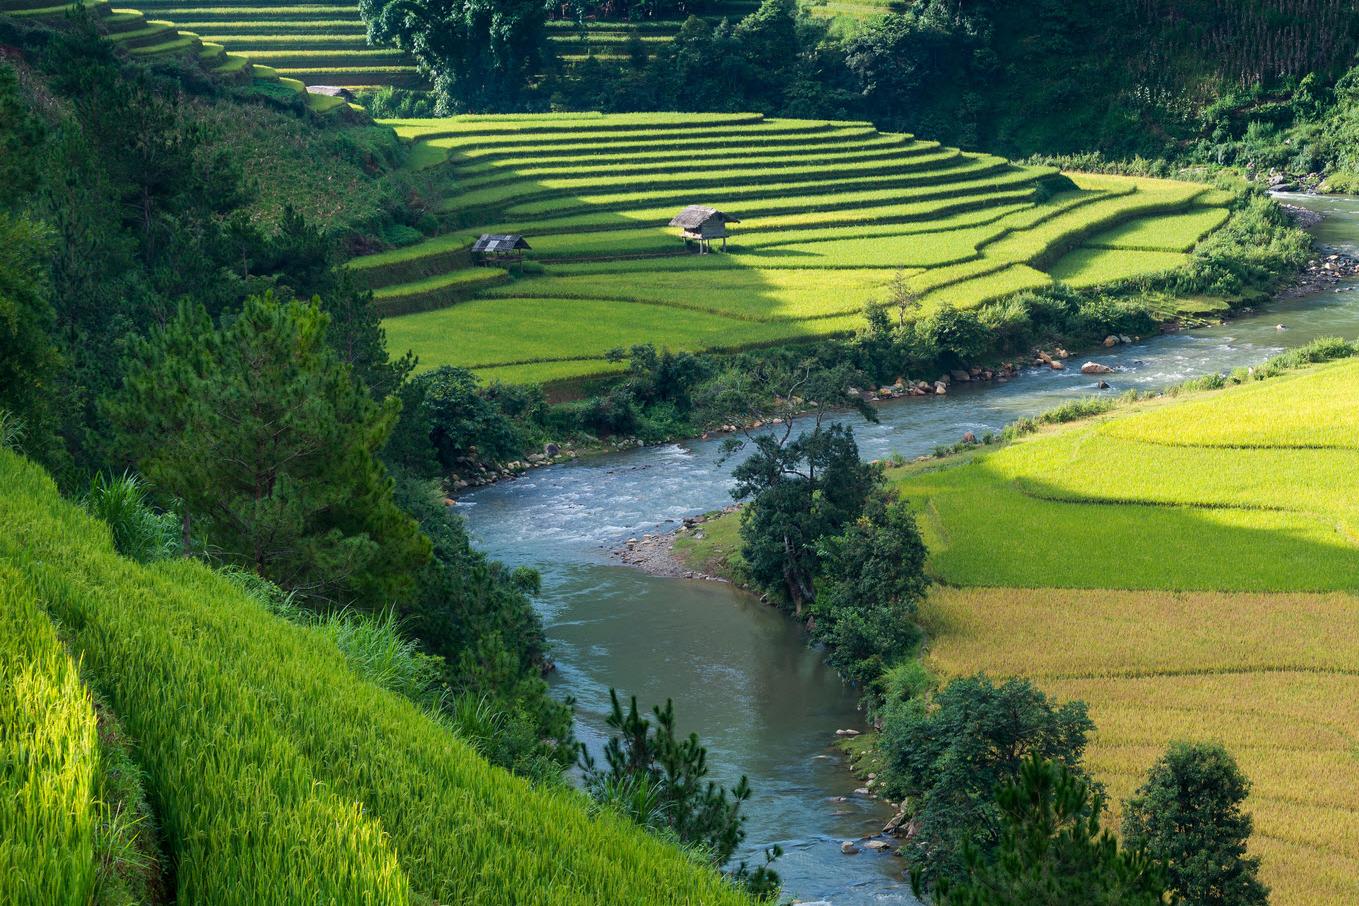 DKSH berichtet über Fortschritte im Bereich Nachhaltigkeit